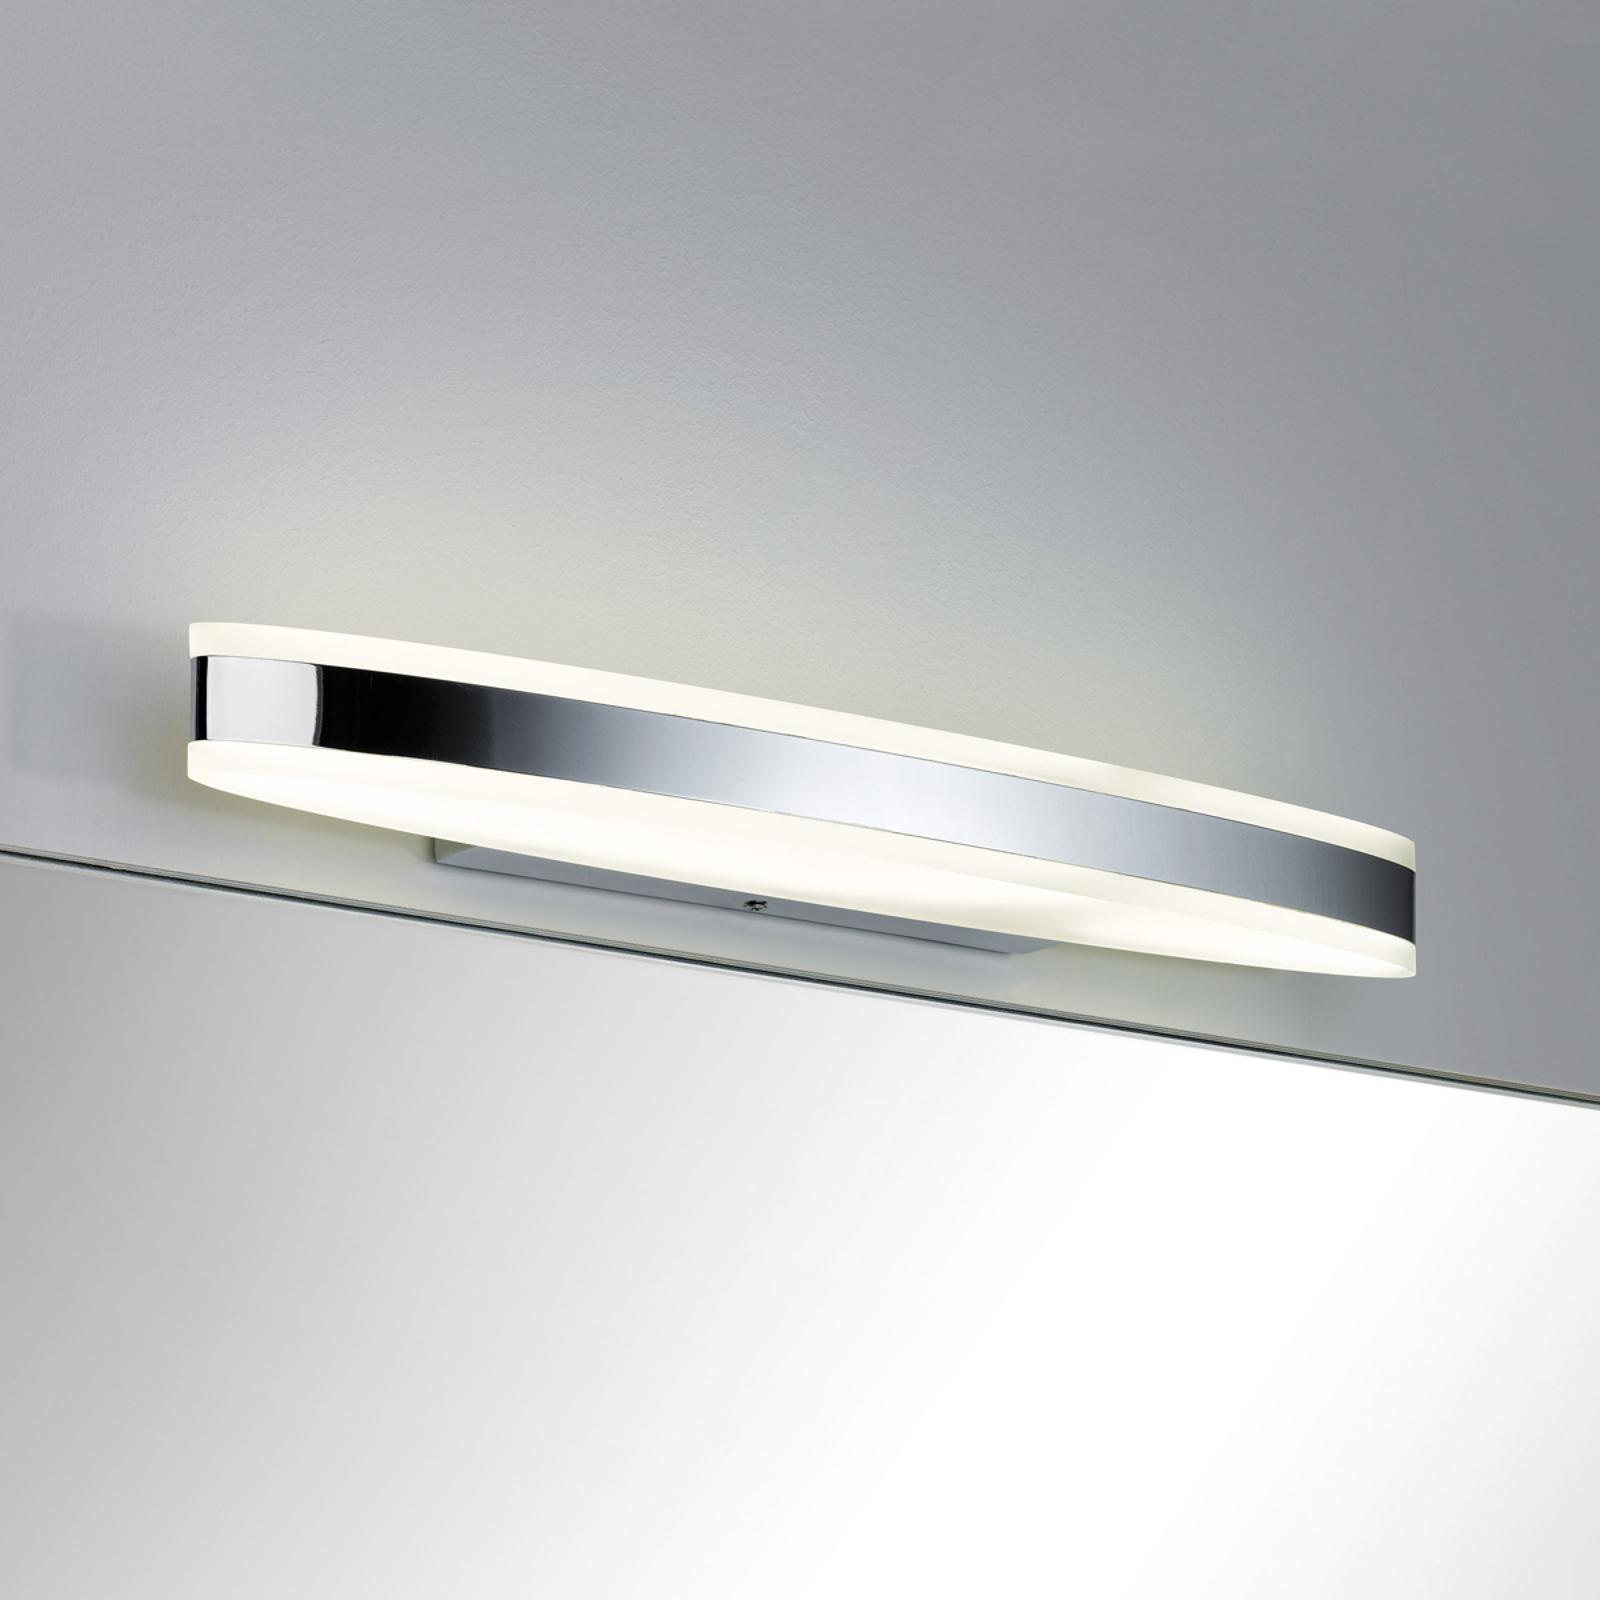 Applique LED lineare Kuma Illuminazione per interni